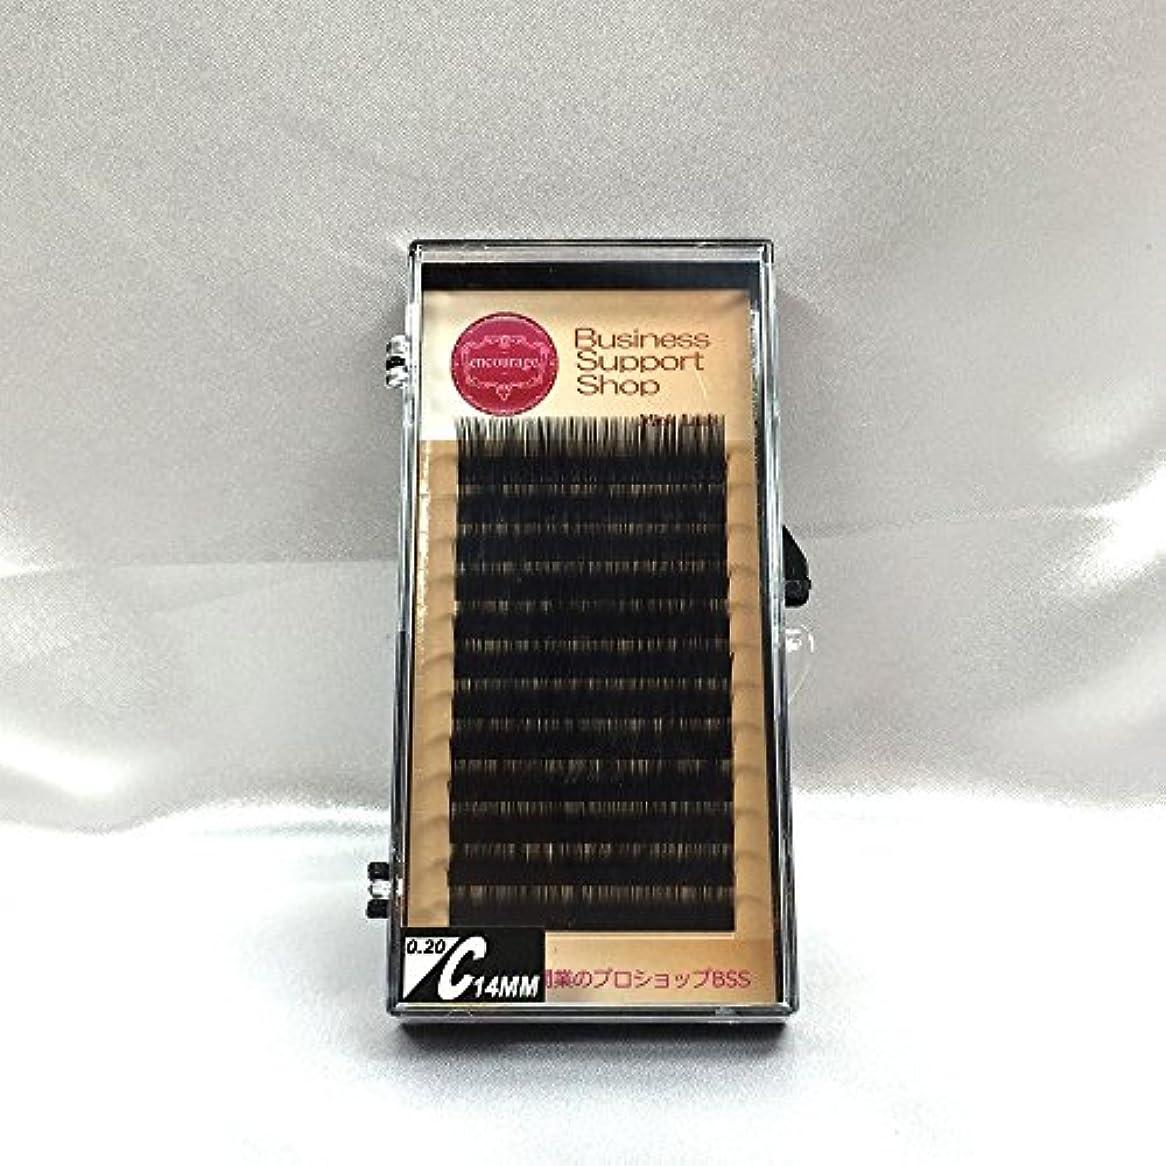 期限ラフ睡眠きしむまつげエクステ Cカール(太さ長さ指定) 高級ミンクまつげ 12列シートタイプ ケース入り (太0.20 長14mm)